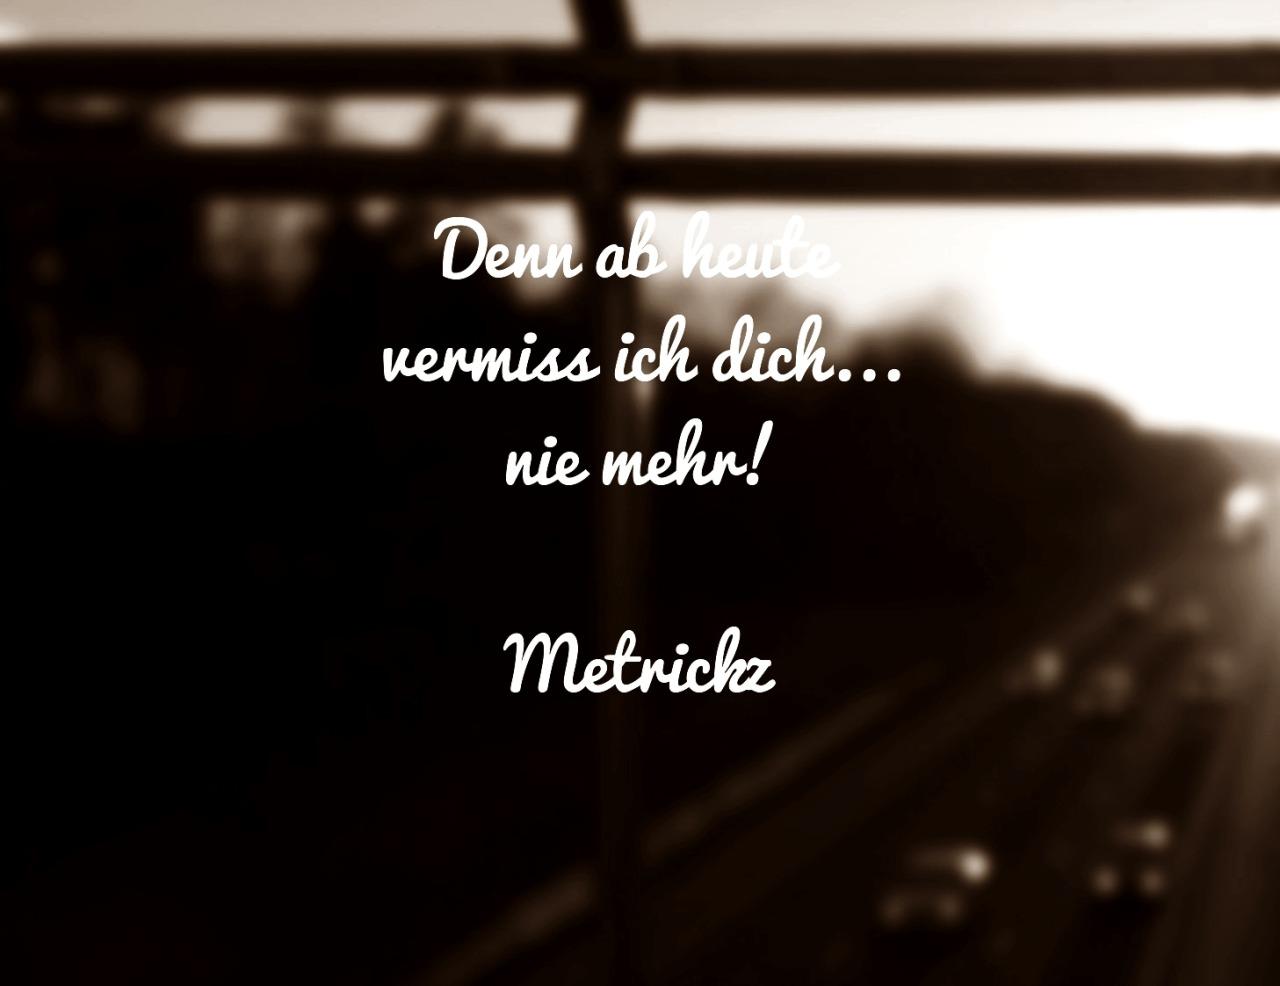 Valentina Vermissen Metrickz Vermiss Dich Nie Mehr Ultraviolett Vers Rap Zitat Statement Lyrics